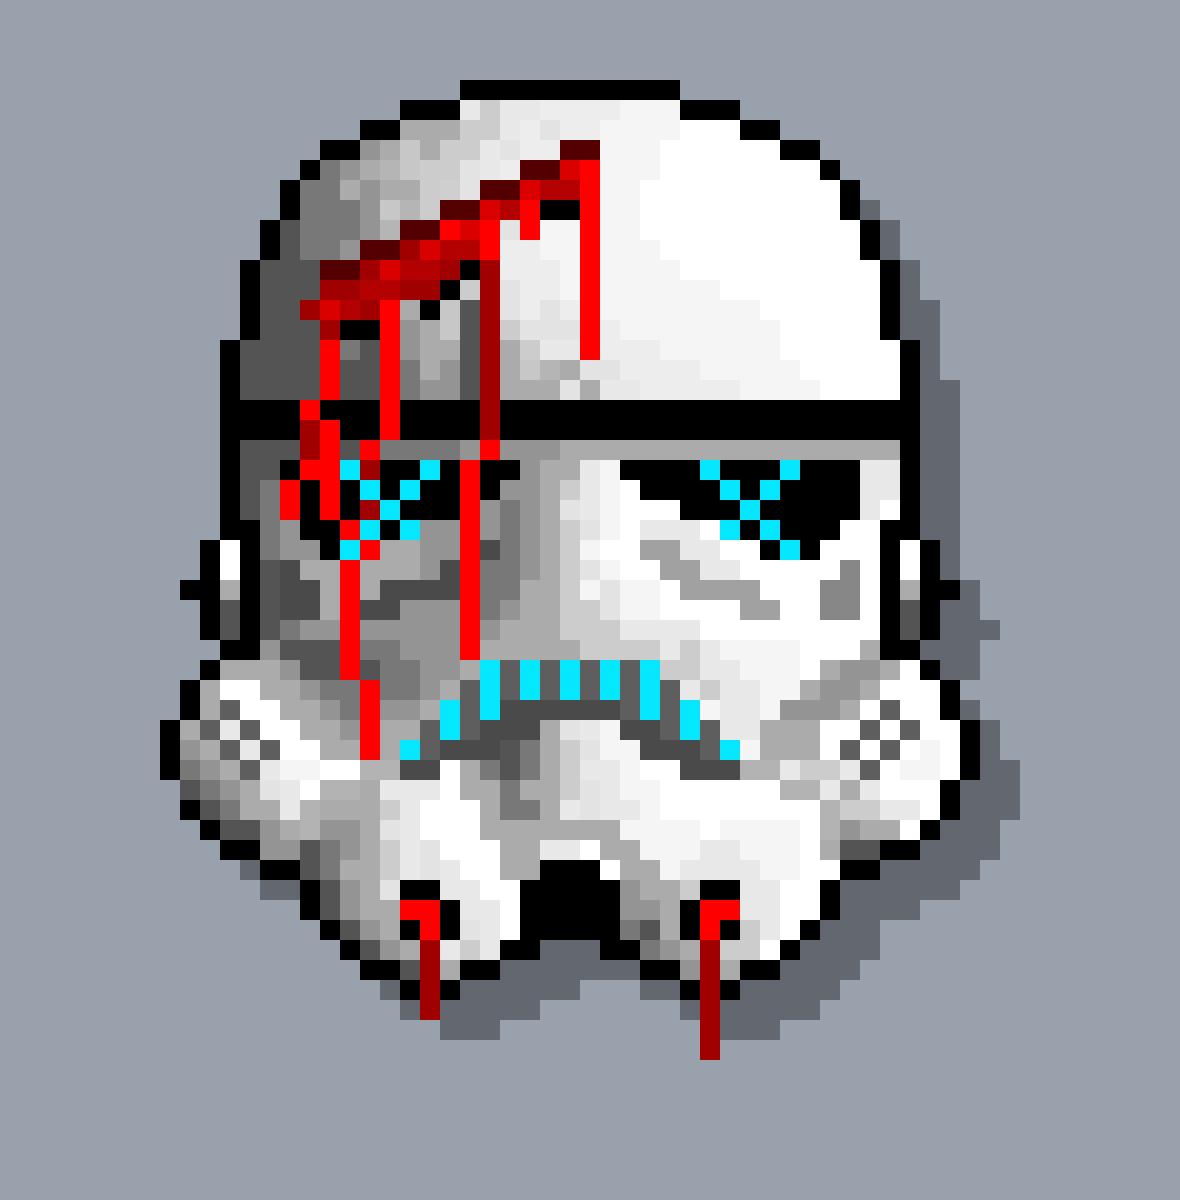 Storm Trooper Pixel Art Maker